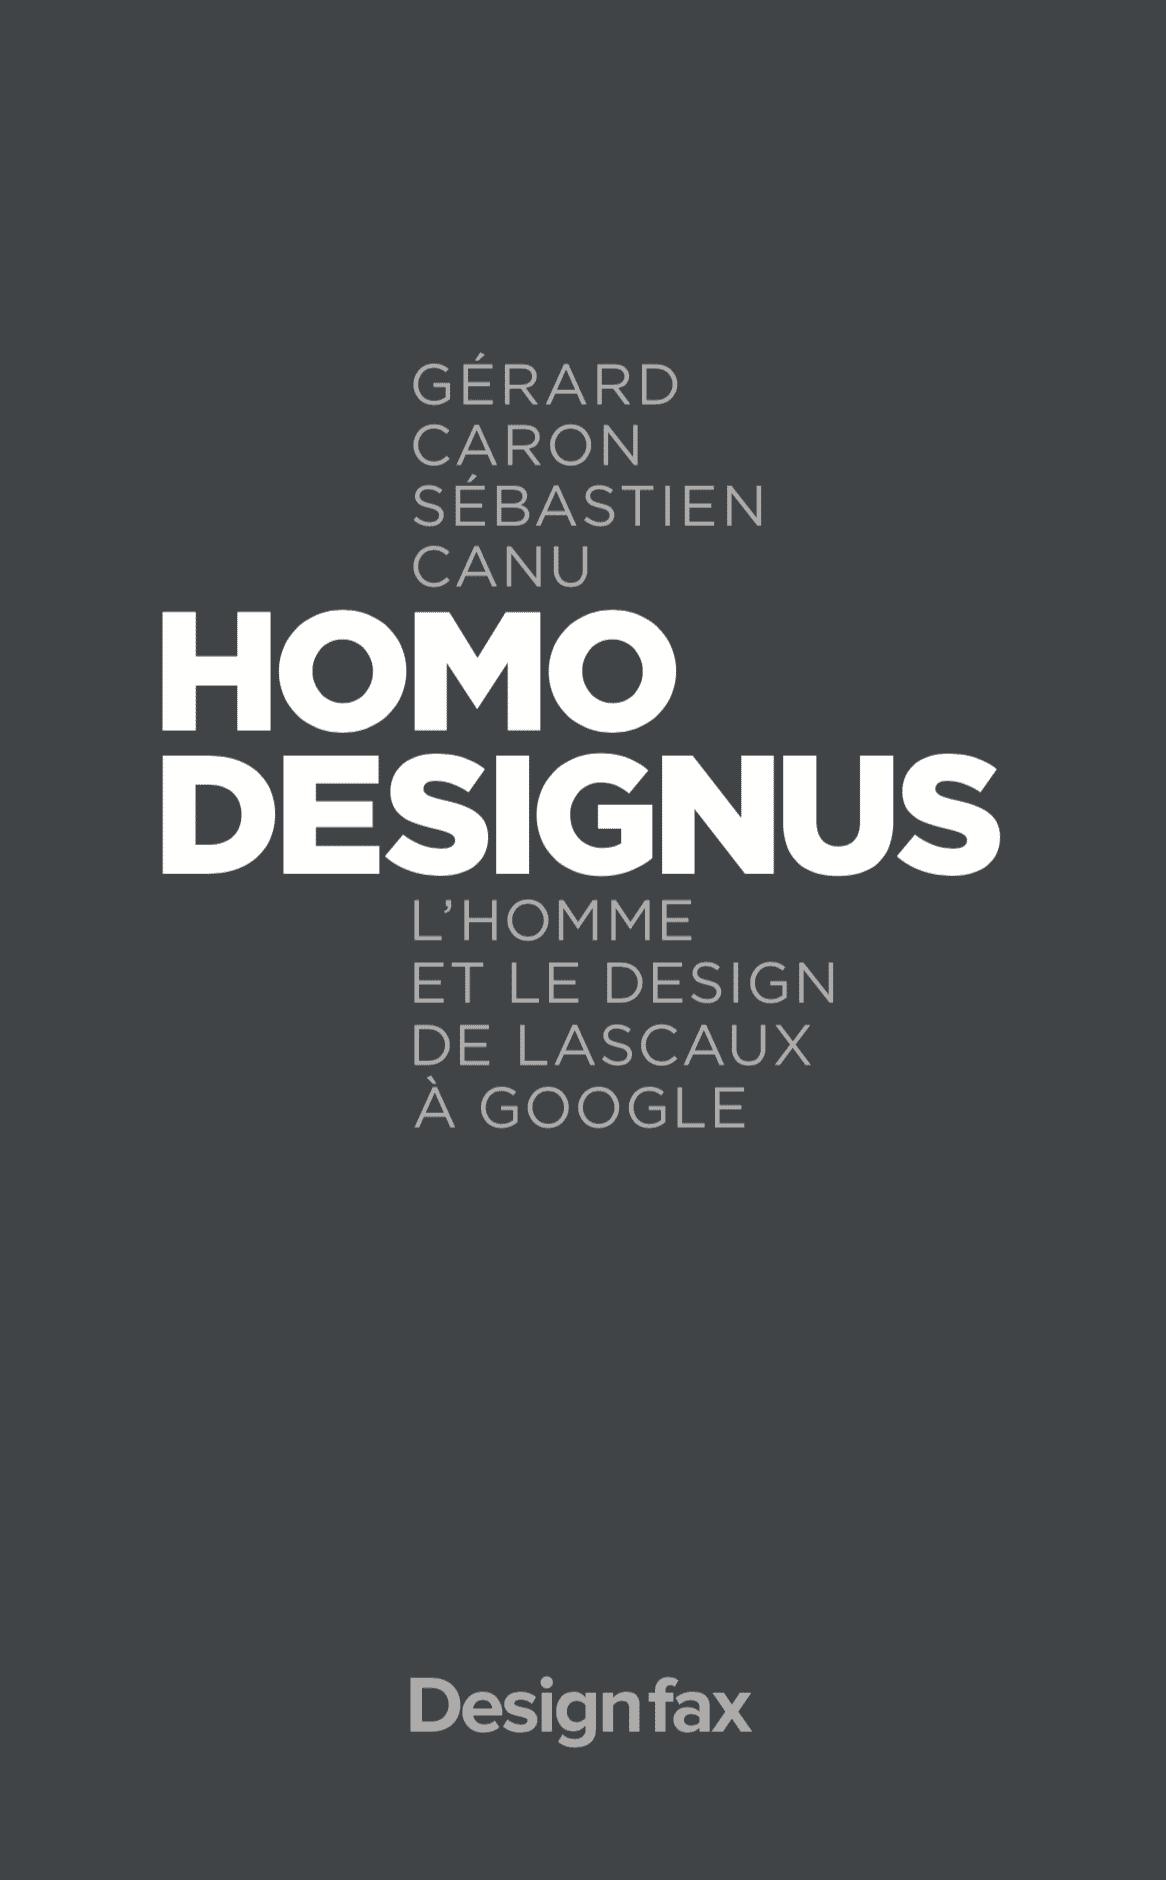 Homo Designus: un voyage de Lascaux à Google